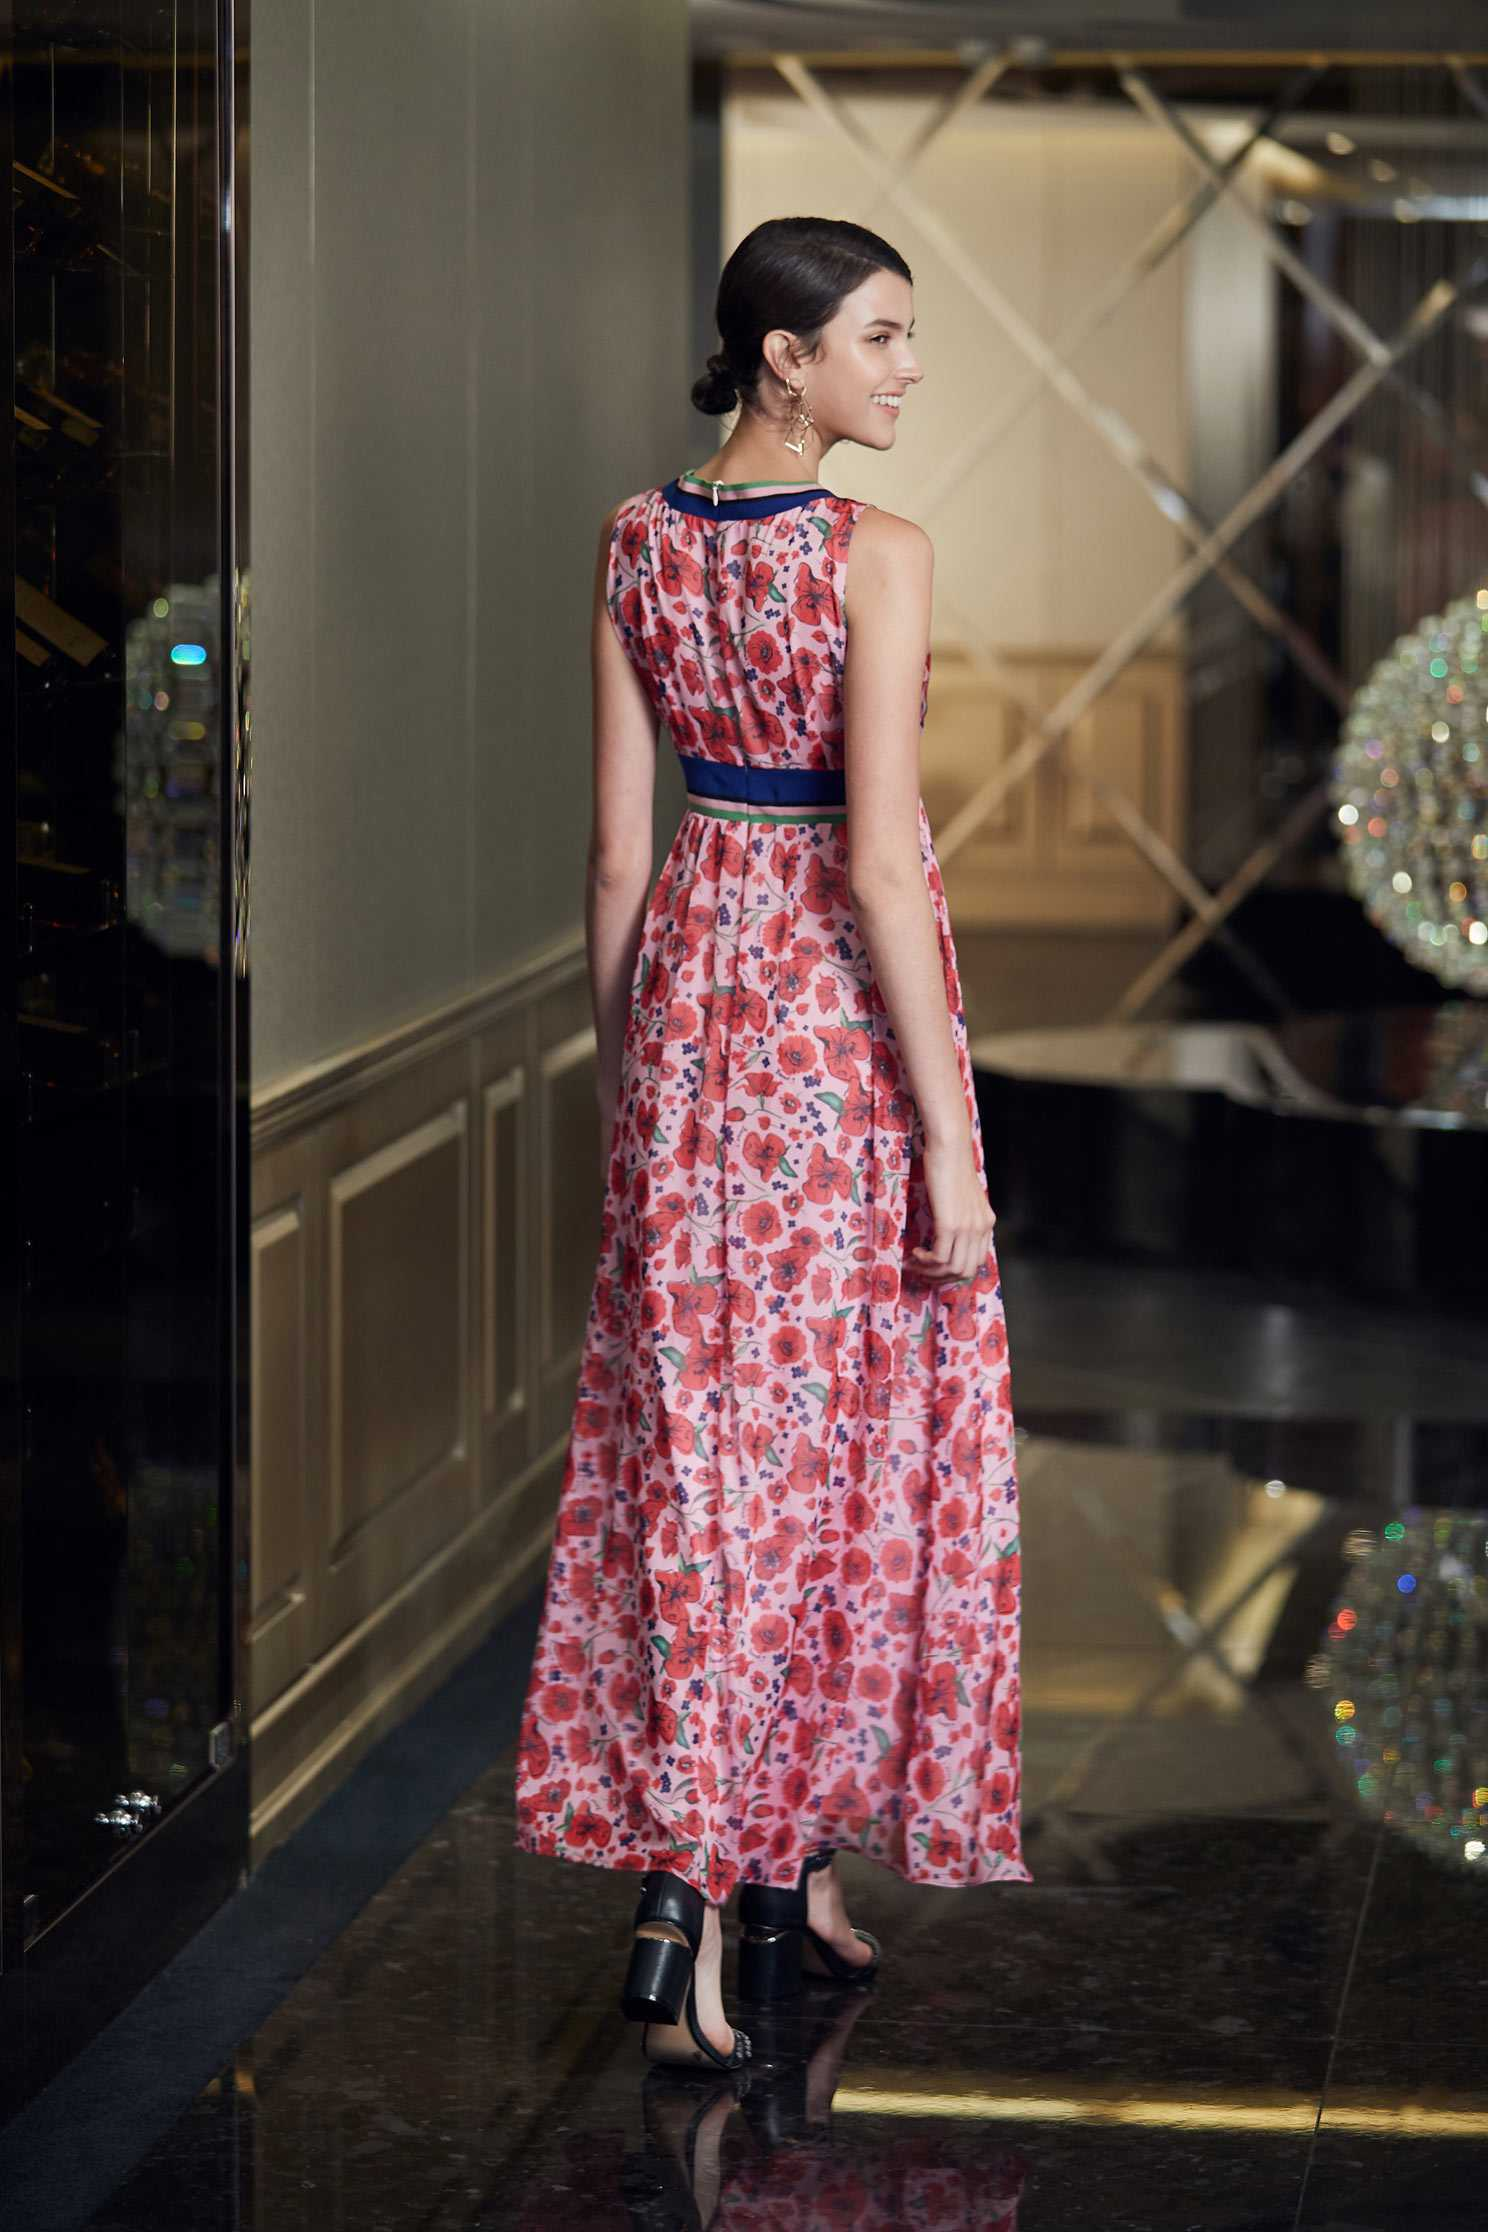 Retro V neckline and Gorgeous Sleeveless Dress,v-neckdress,printeddress,cocktaildress,sleevelessdress